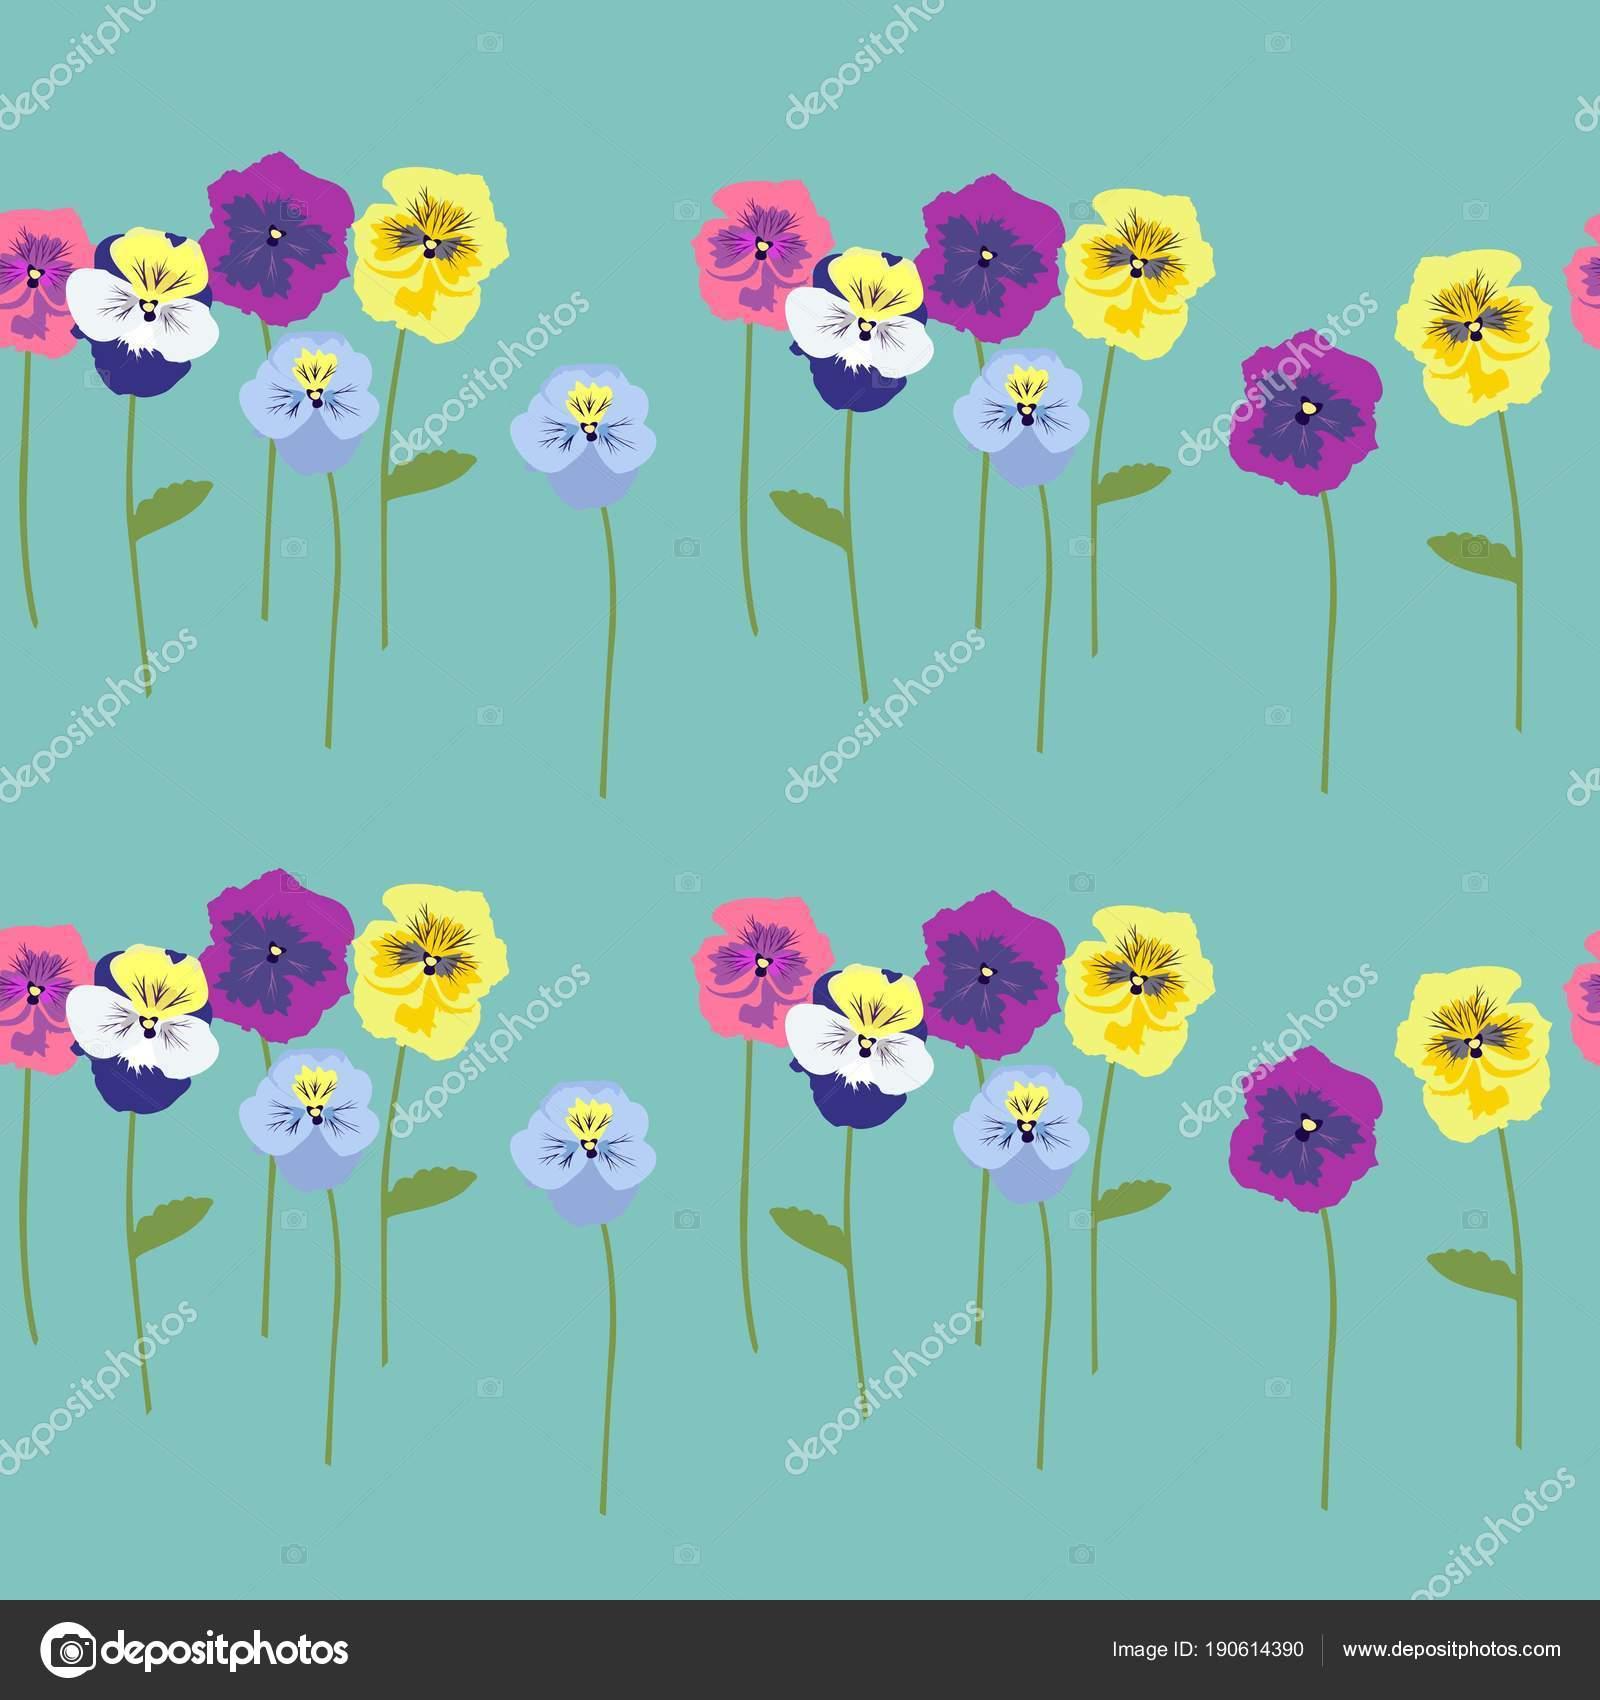 シームレス花柄背景色が水色の幹の美しい色とりどりのパンジーの花に